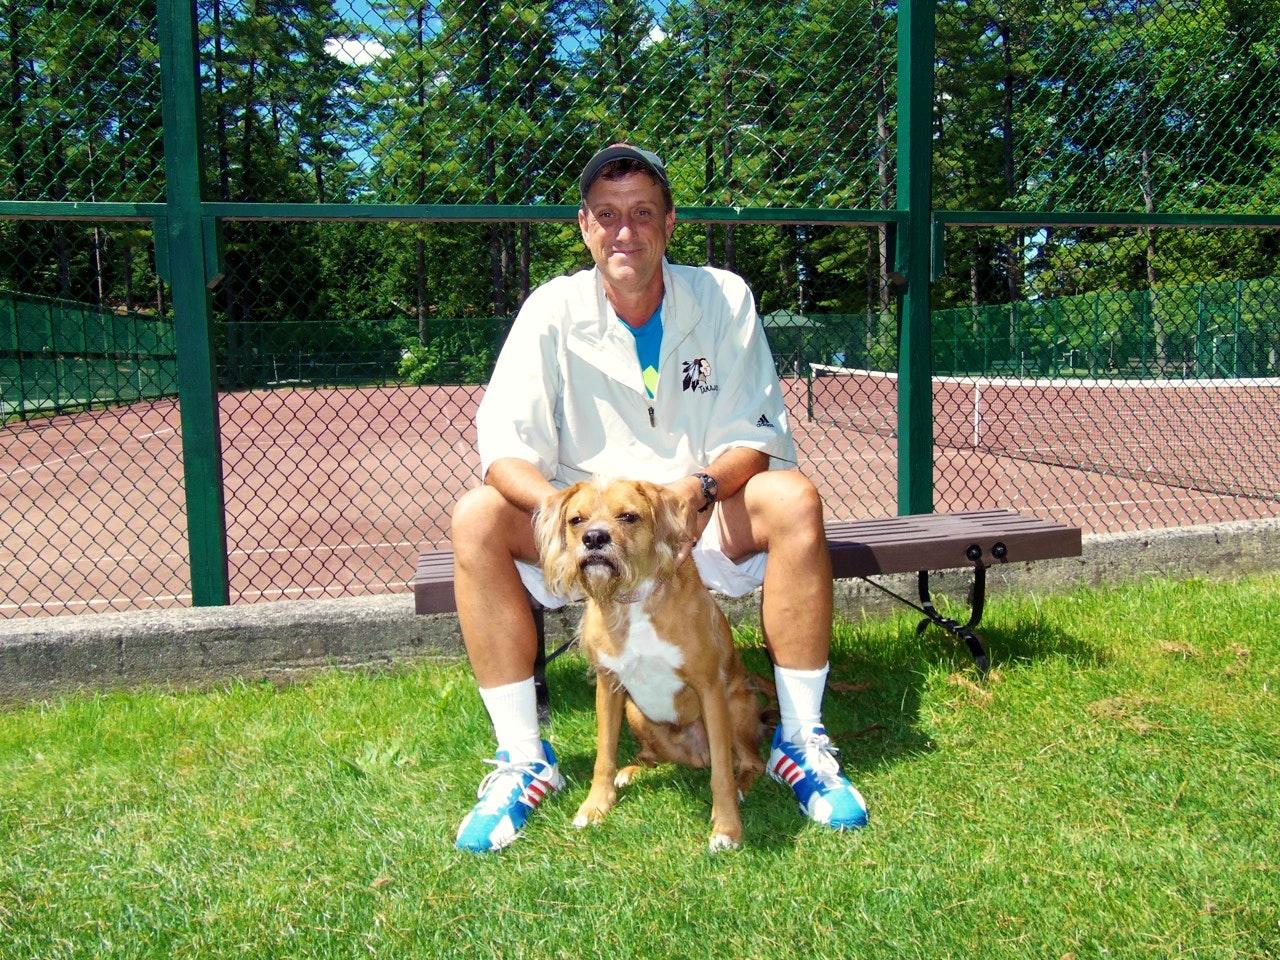 Dan A. teaches tennis lessons in Palm Desert , CA